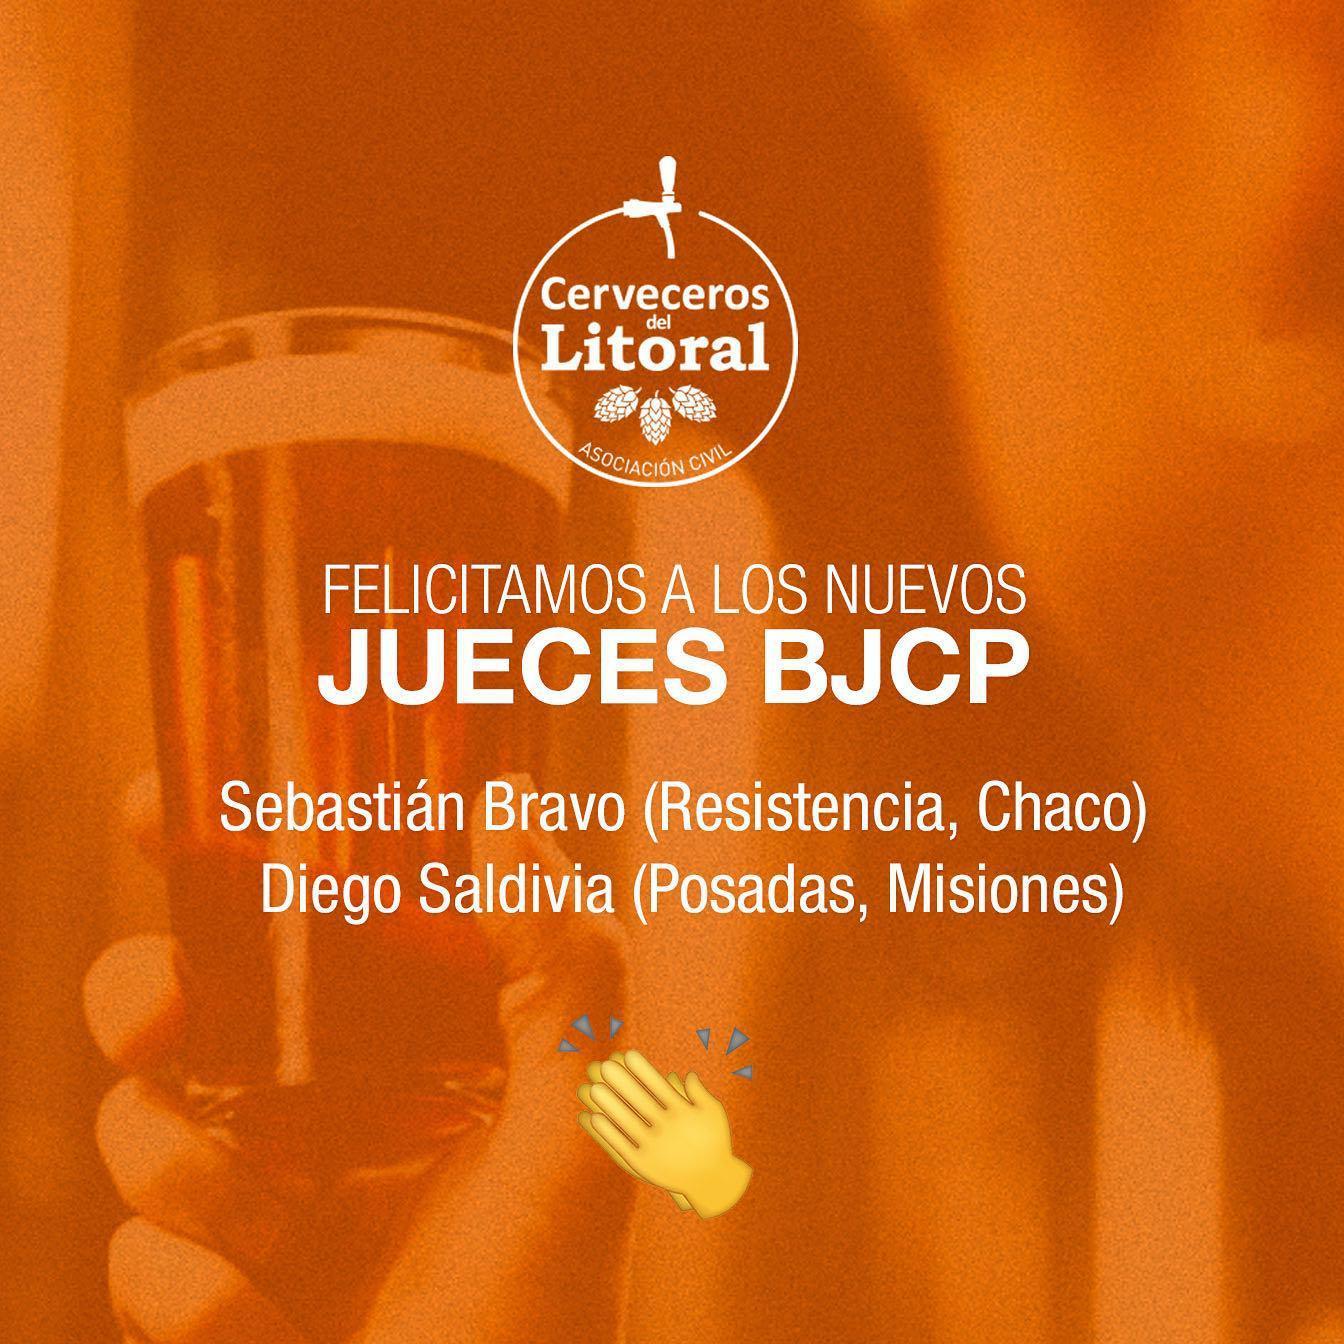 Cerveceros-del-Litoral-Programa-de-certificaciones-para-jueces-de-la-cerveza-20-09-14-01